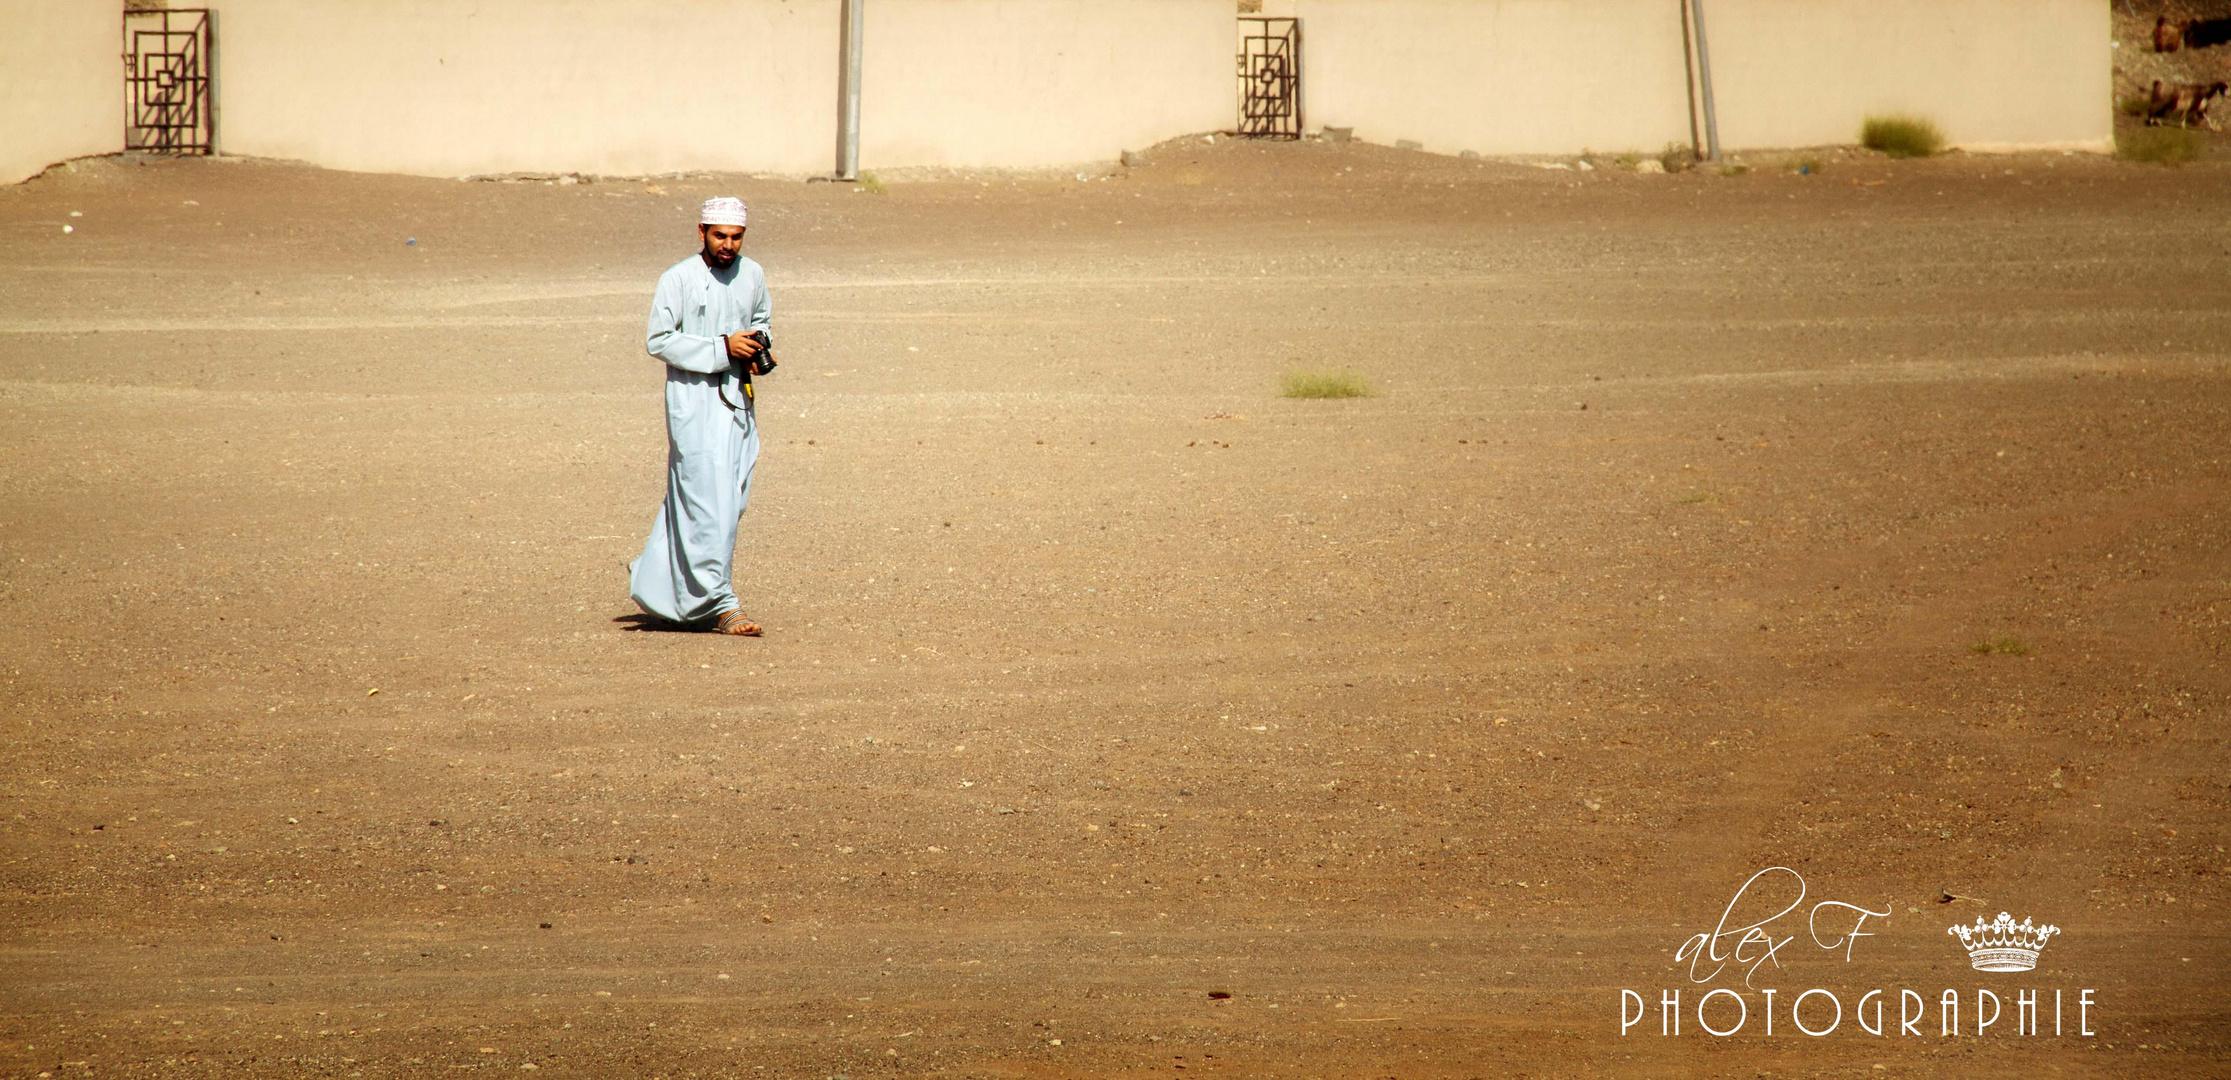 Auch im Oman wird fotografiert